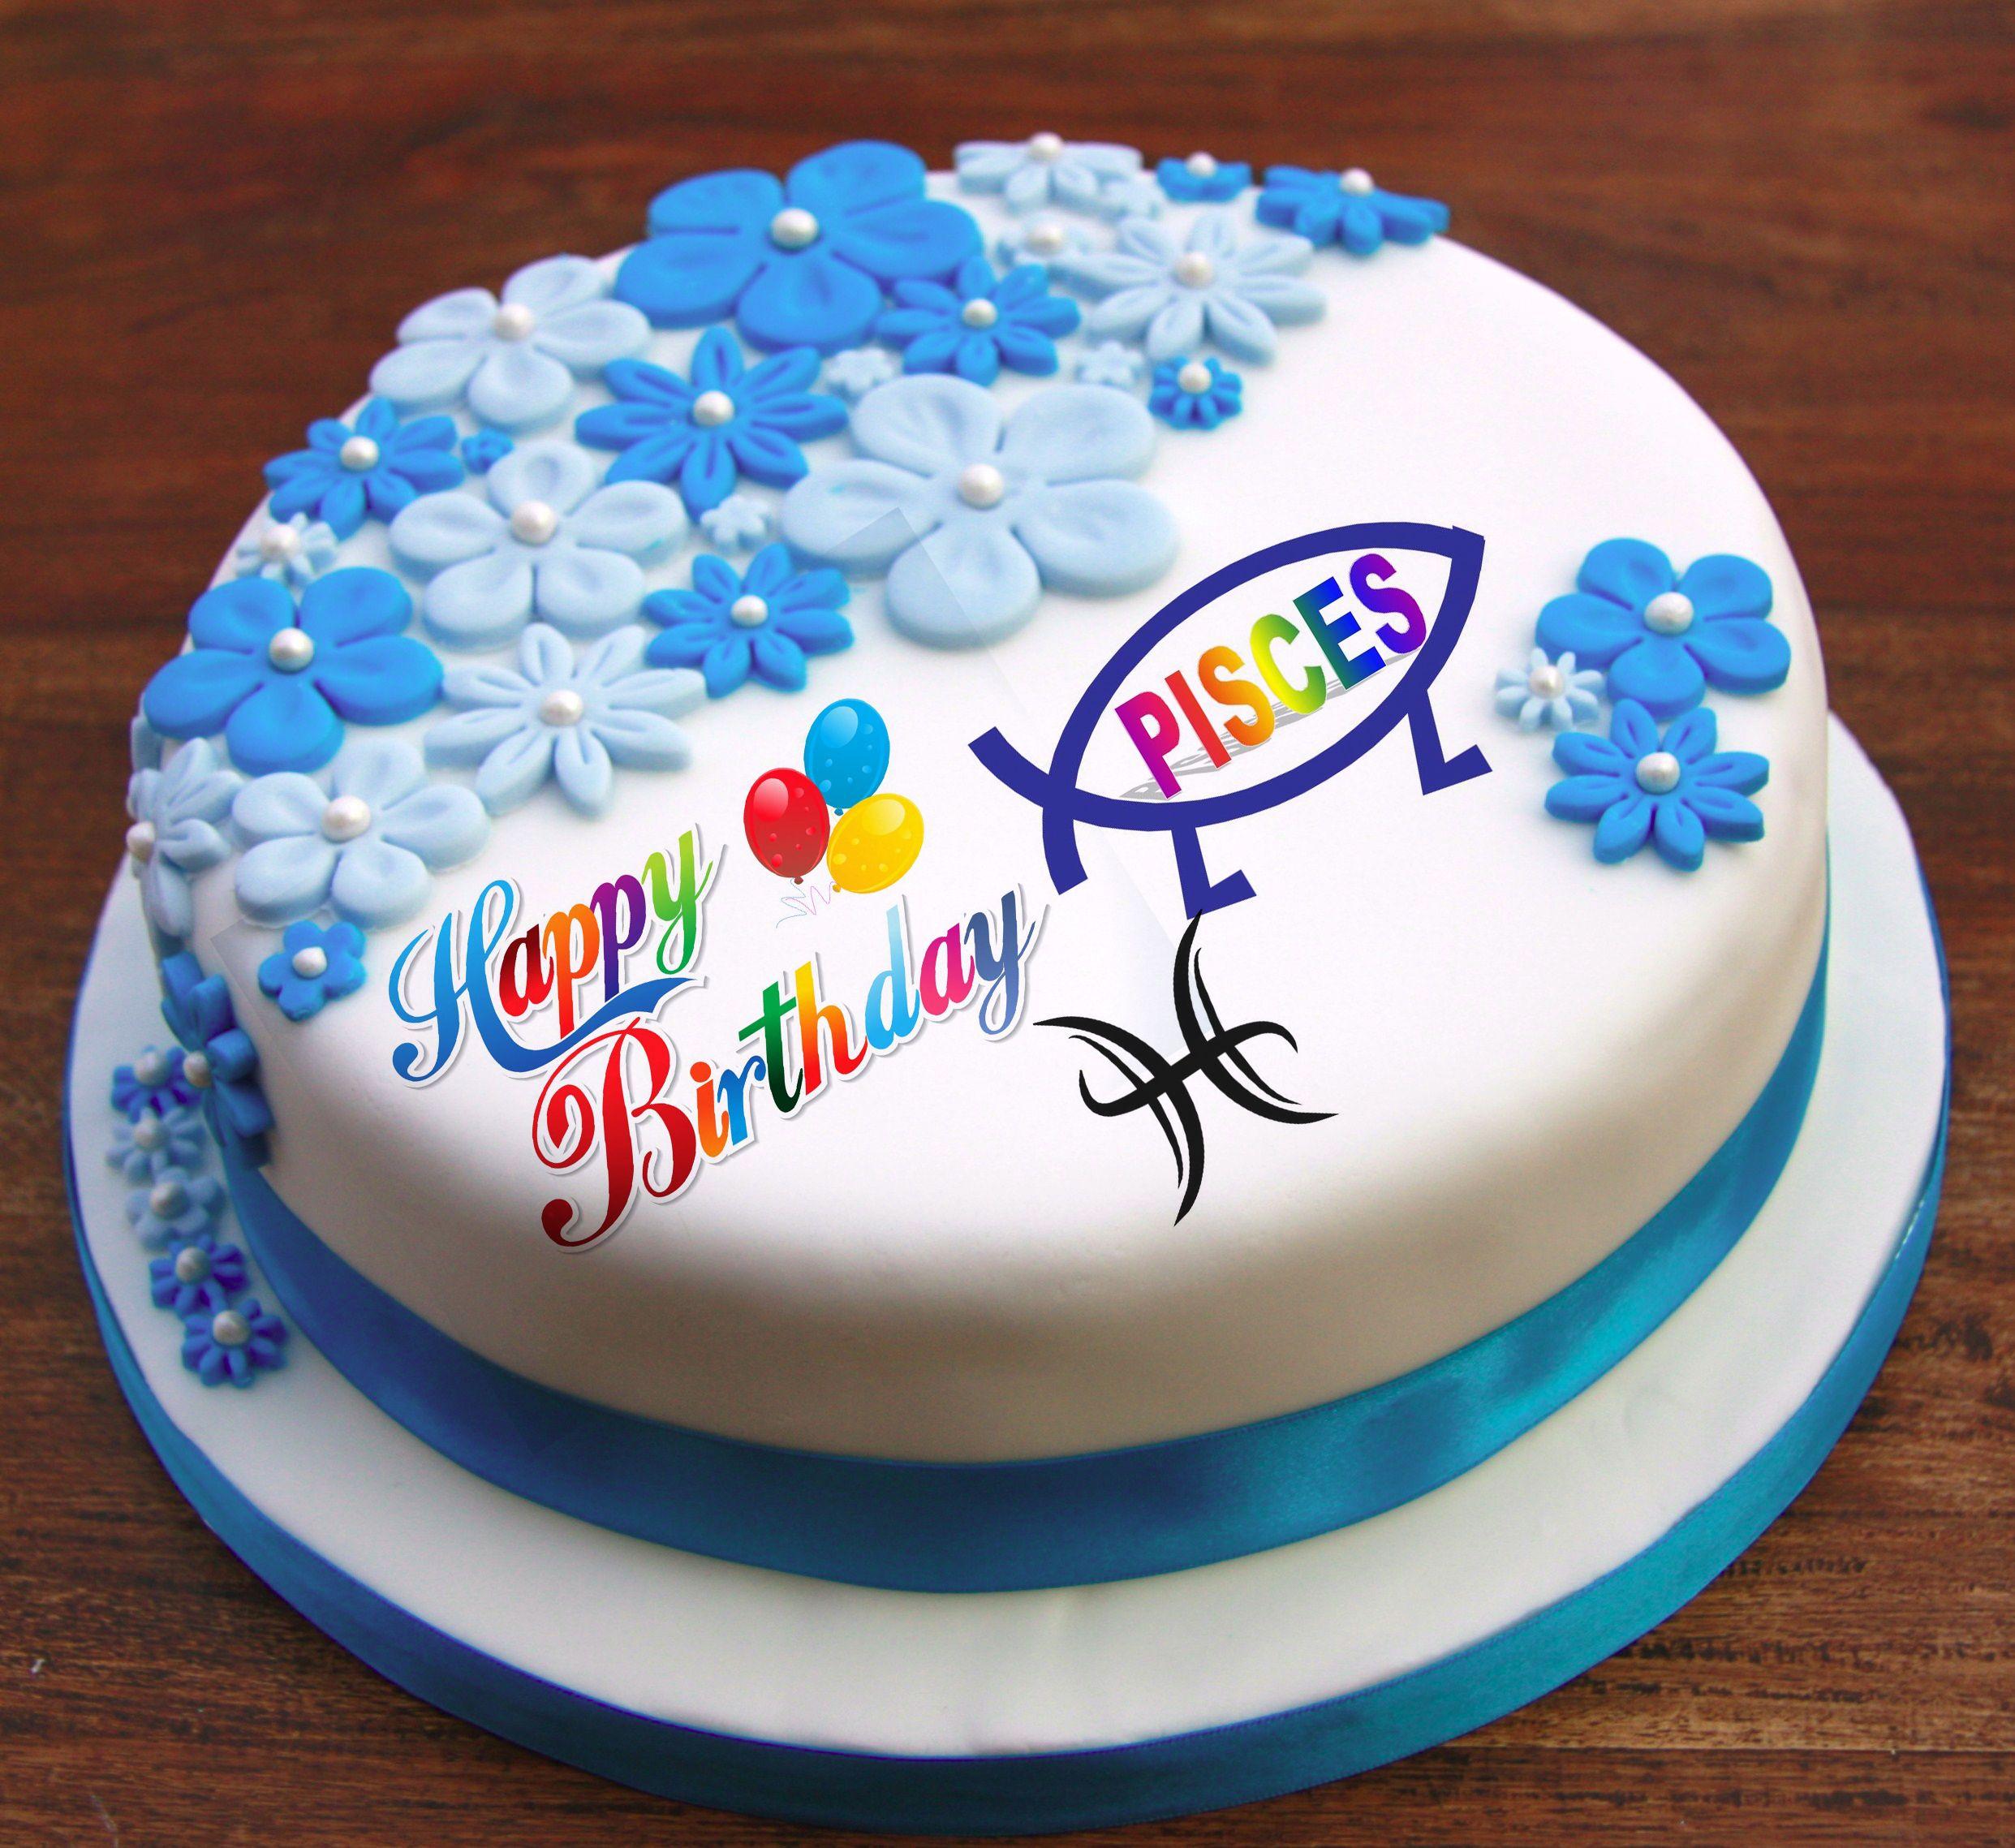 Happy birthday pisces happy birthday cake pictures